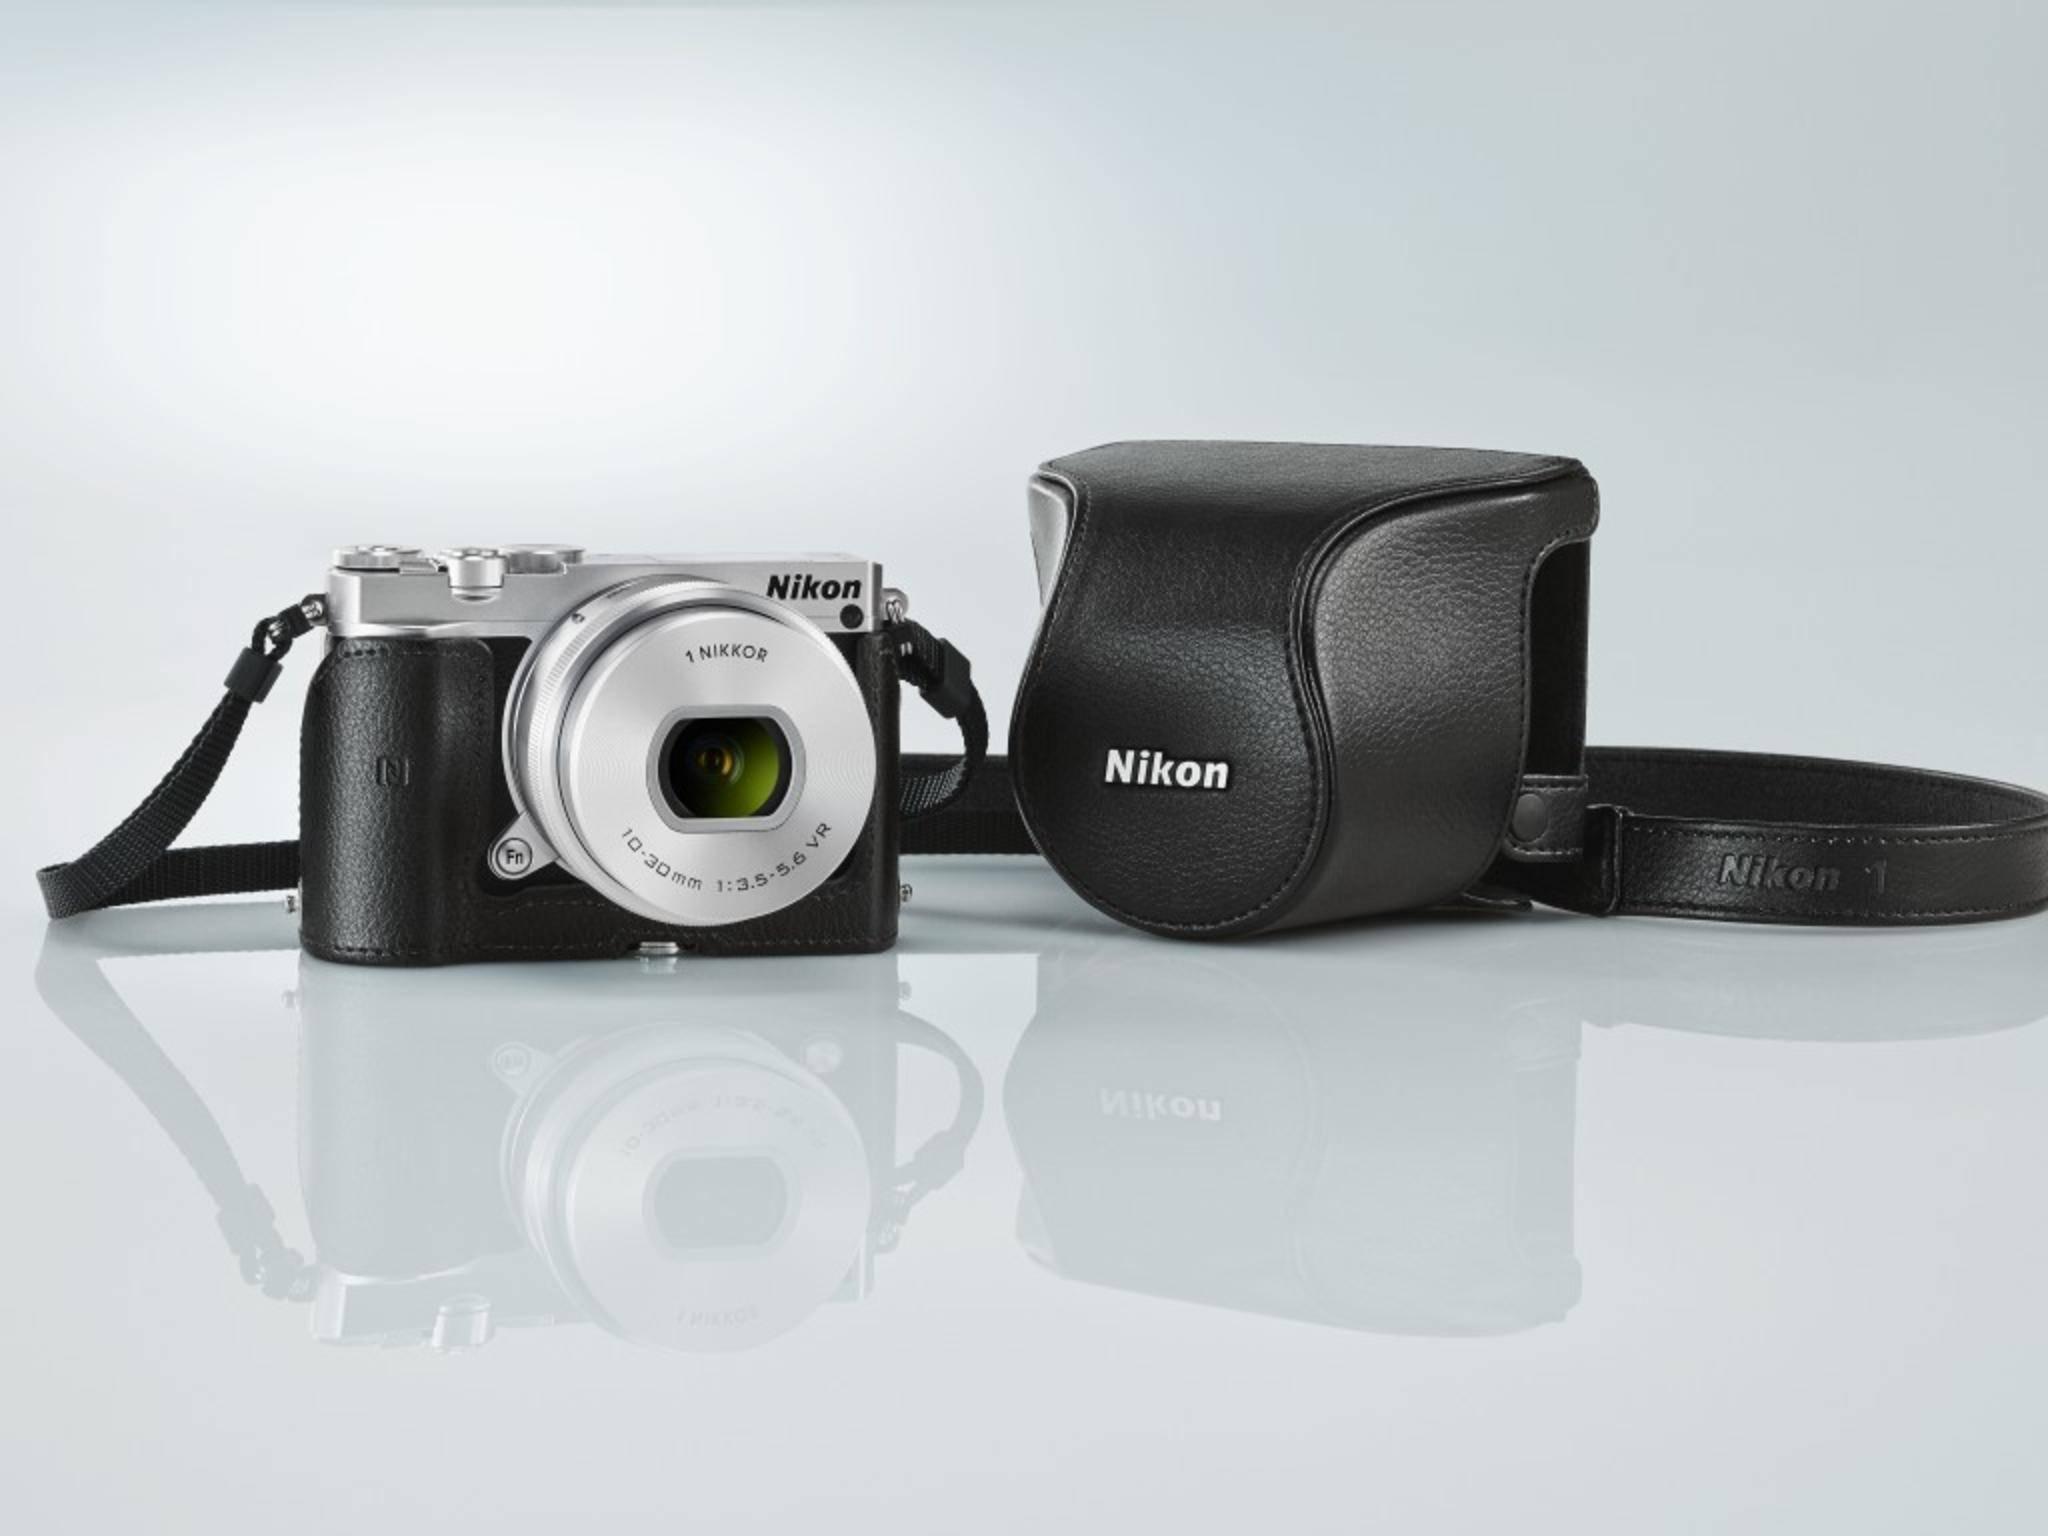 Die Nikon 1 J5 besitzt einen Ein-Zoll-Sensor, die neue Nikon soll mit Vollformatsensor kommen.